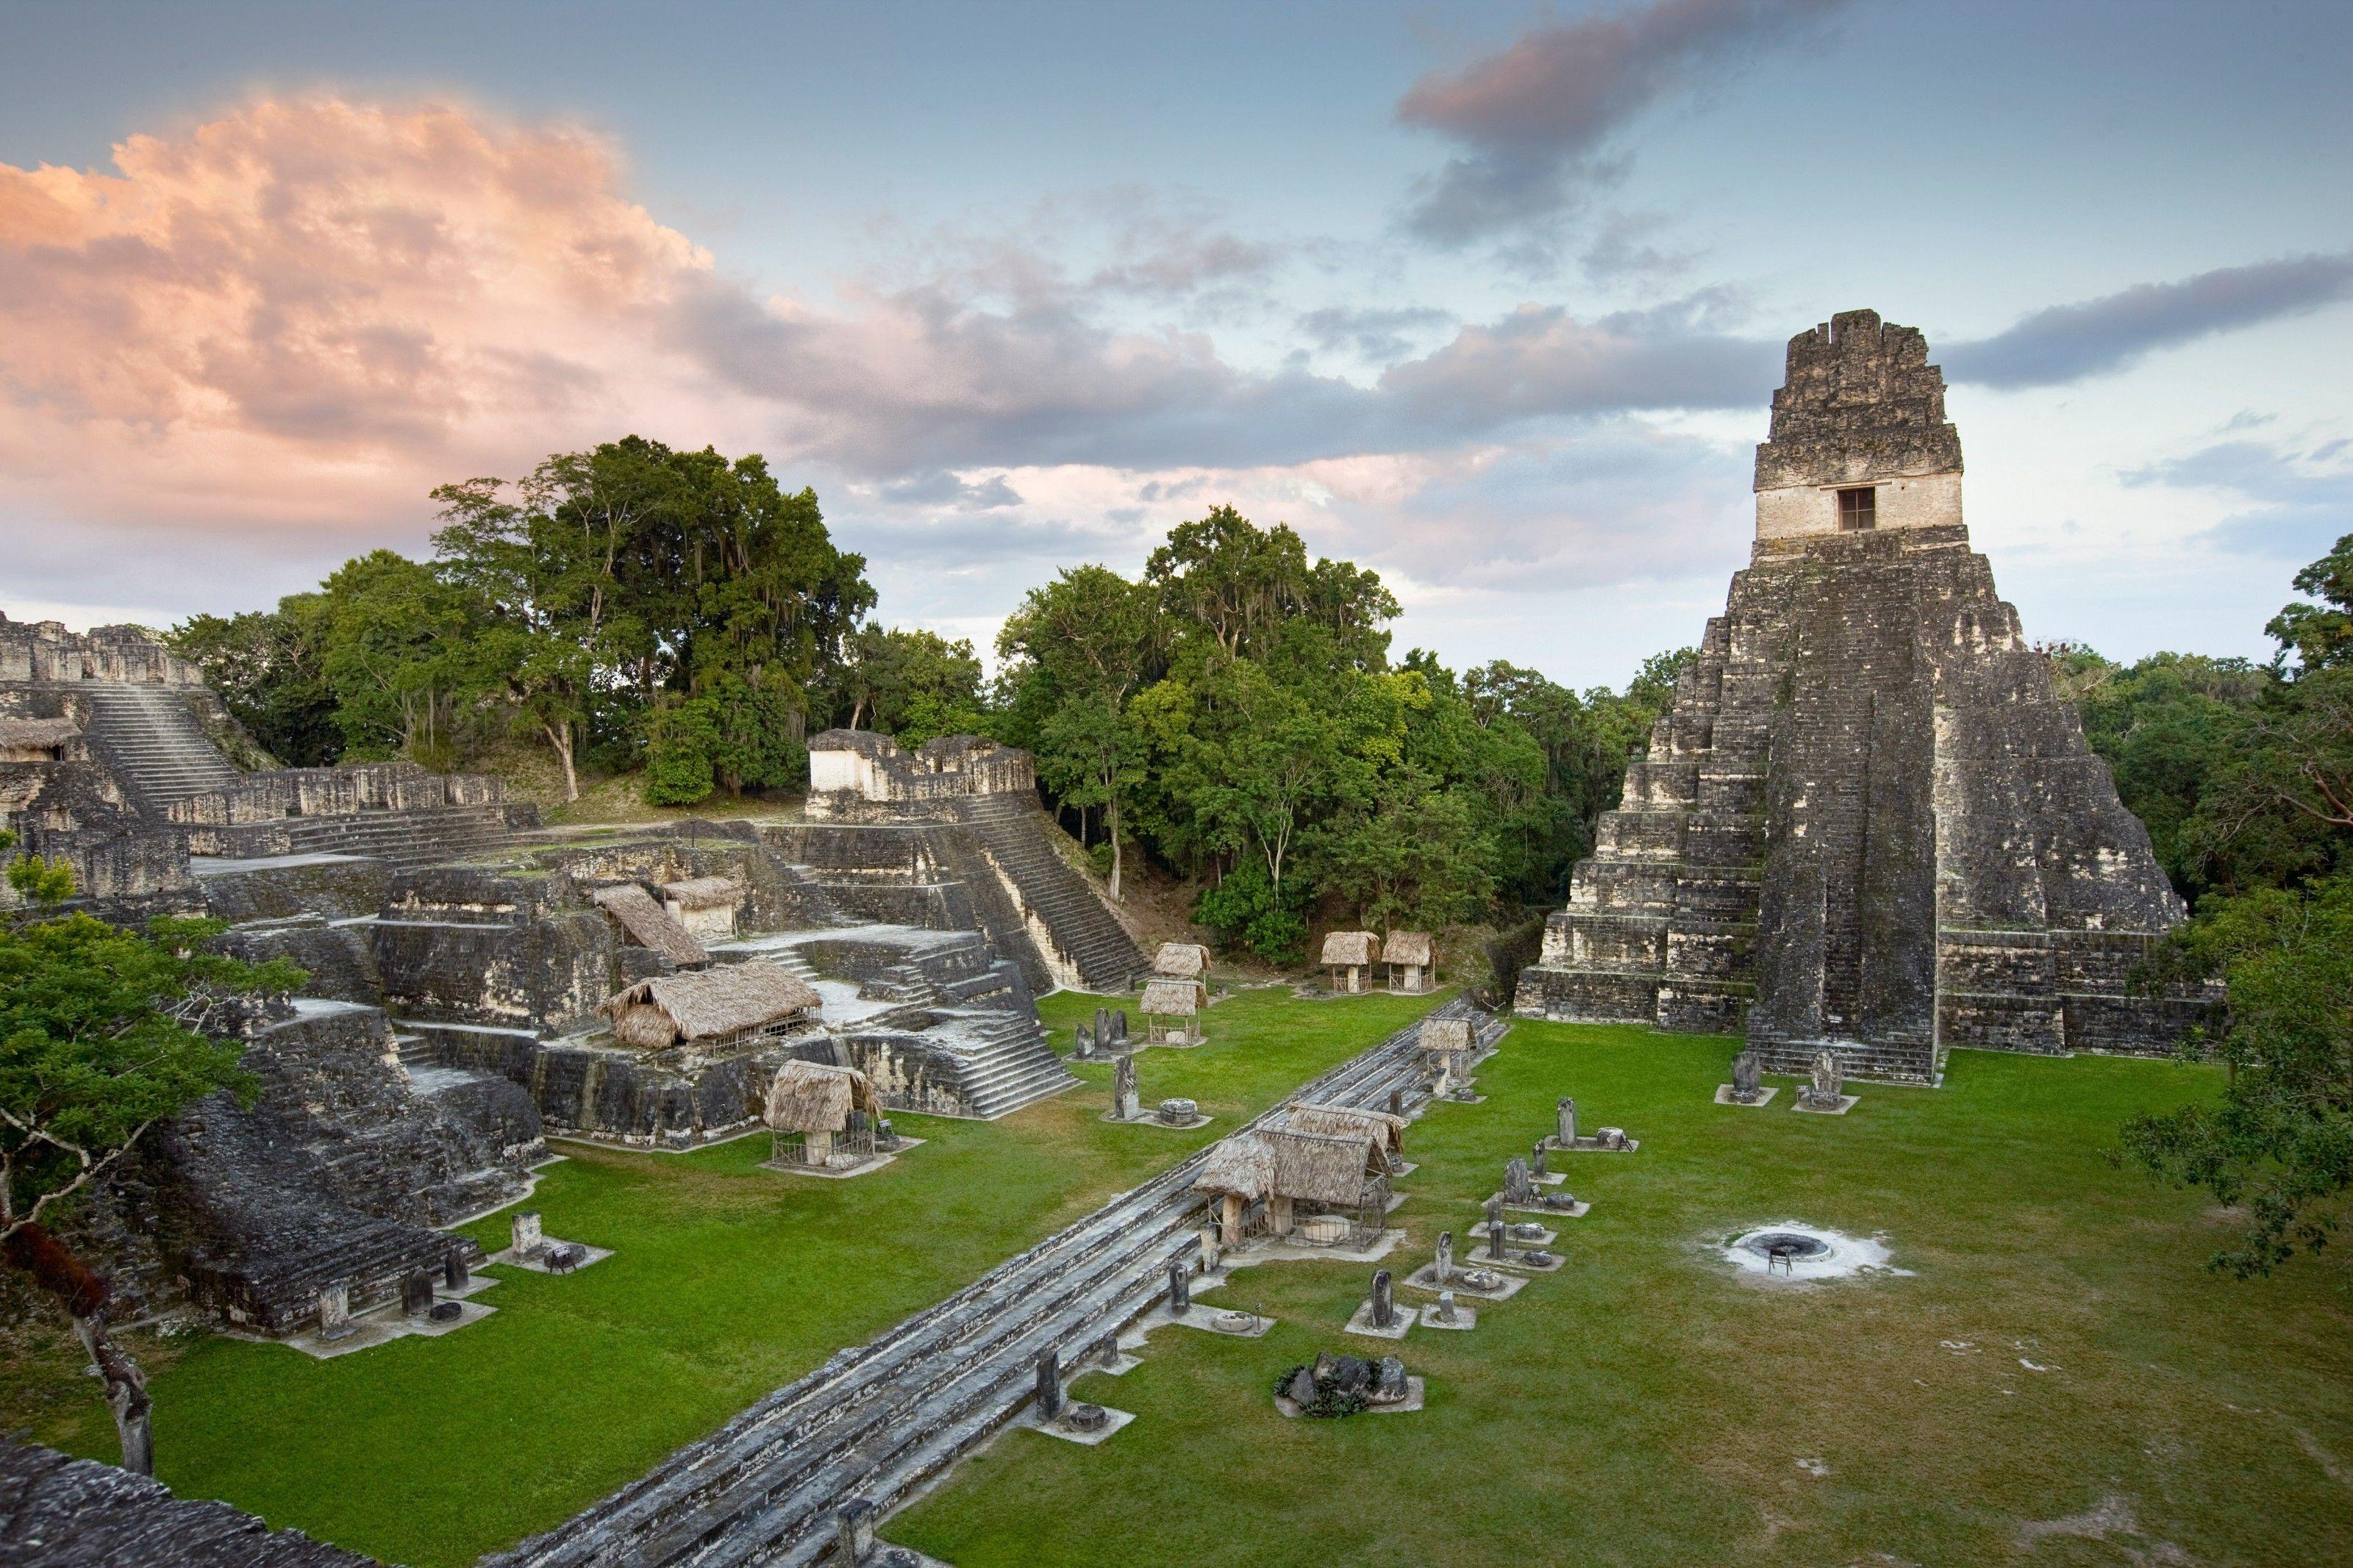 Exclusif : le Guatemala demande à la France de restituer une œuvre maya avant sa mise aux enchères | National Geographic